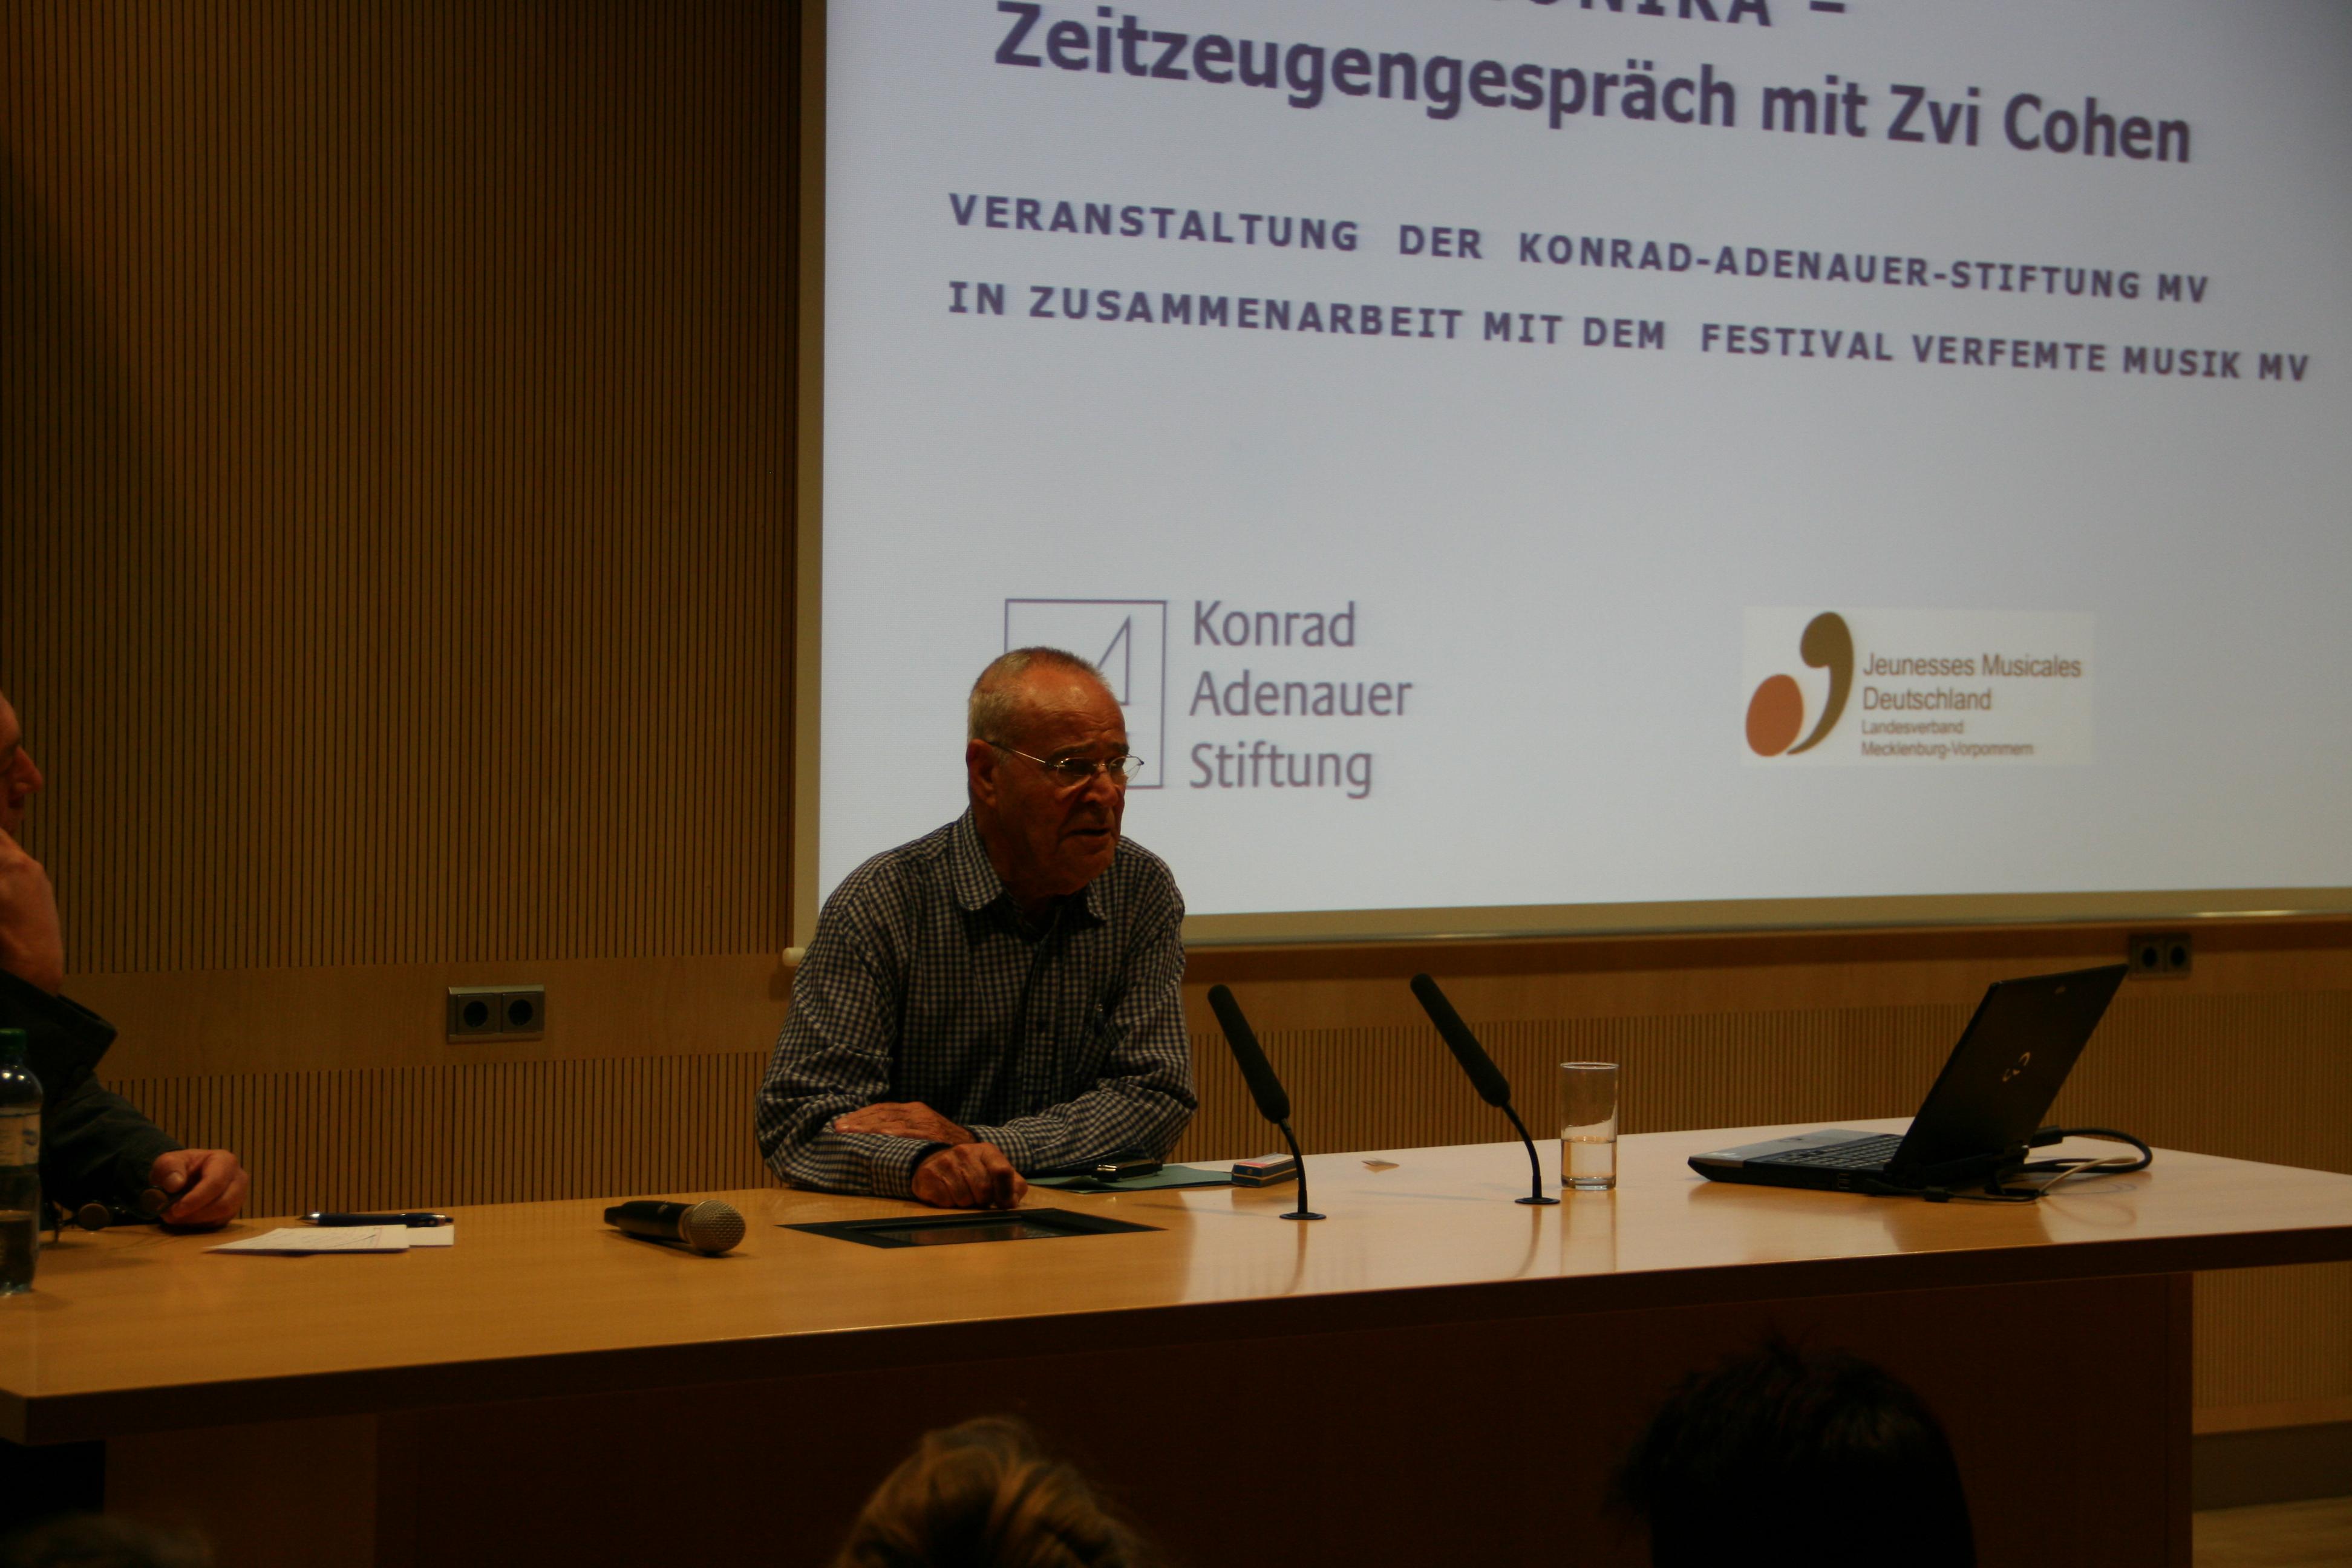 Die Mundharmonika rettete ihm das Leben – Holocaust-Überlebender sprach im Krupp-Kolleg